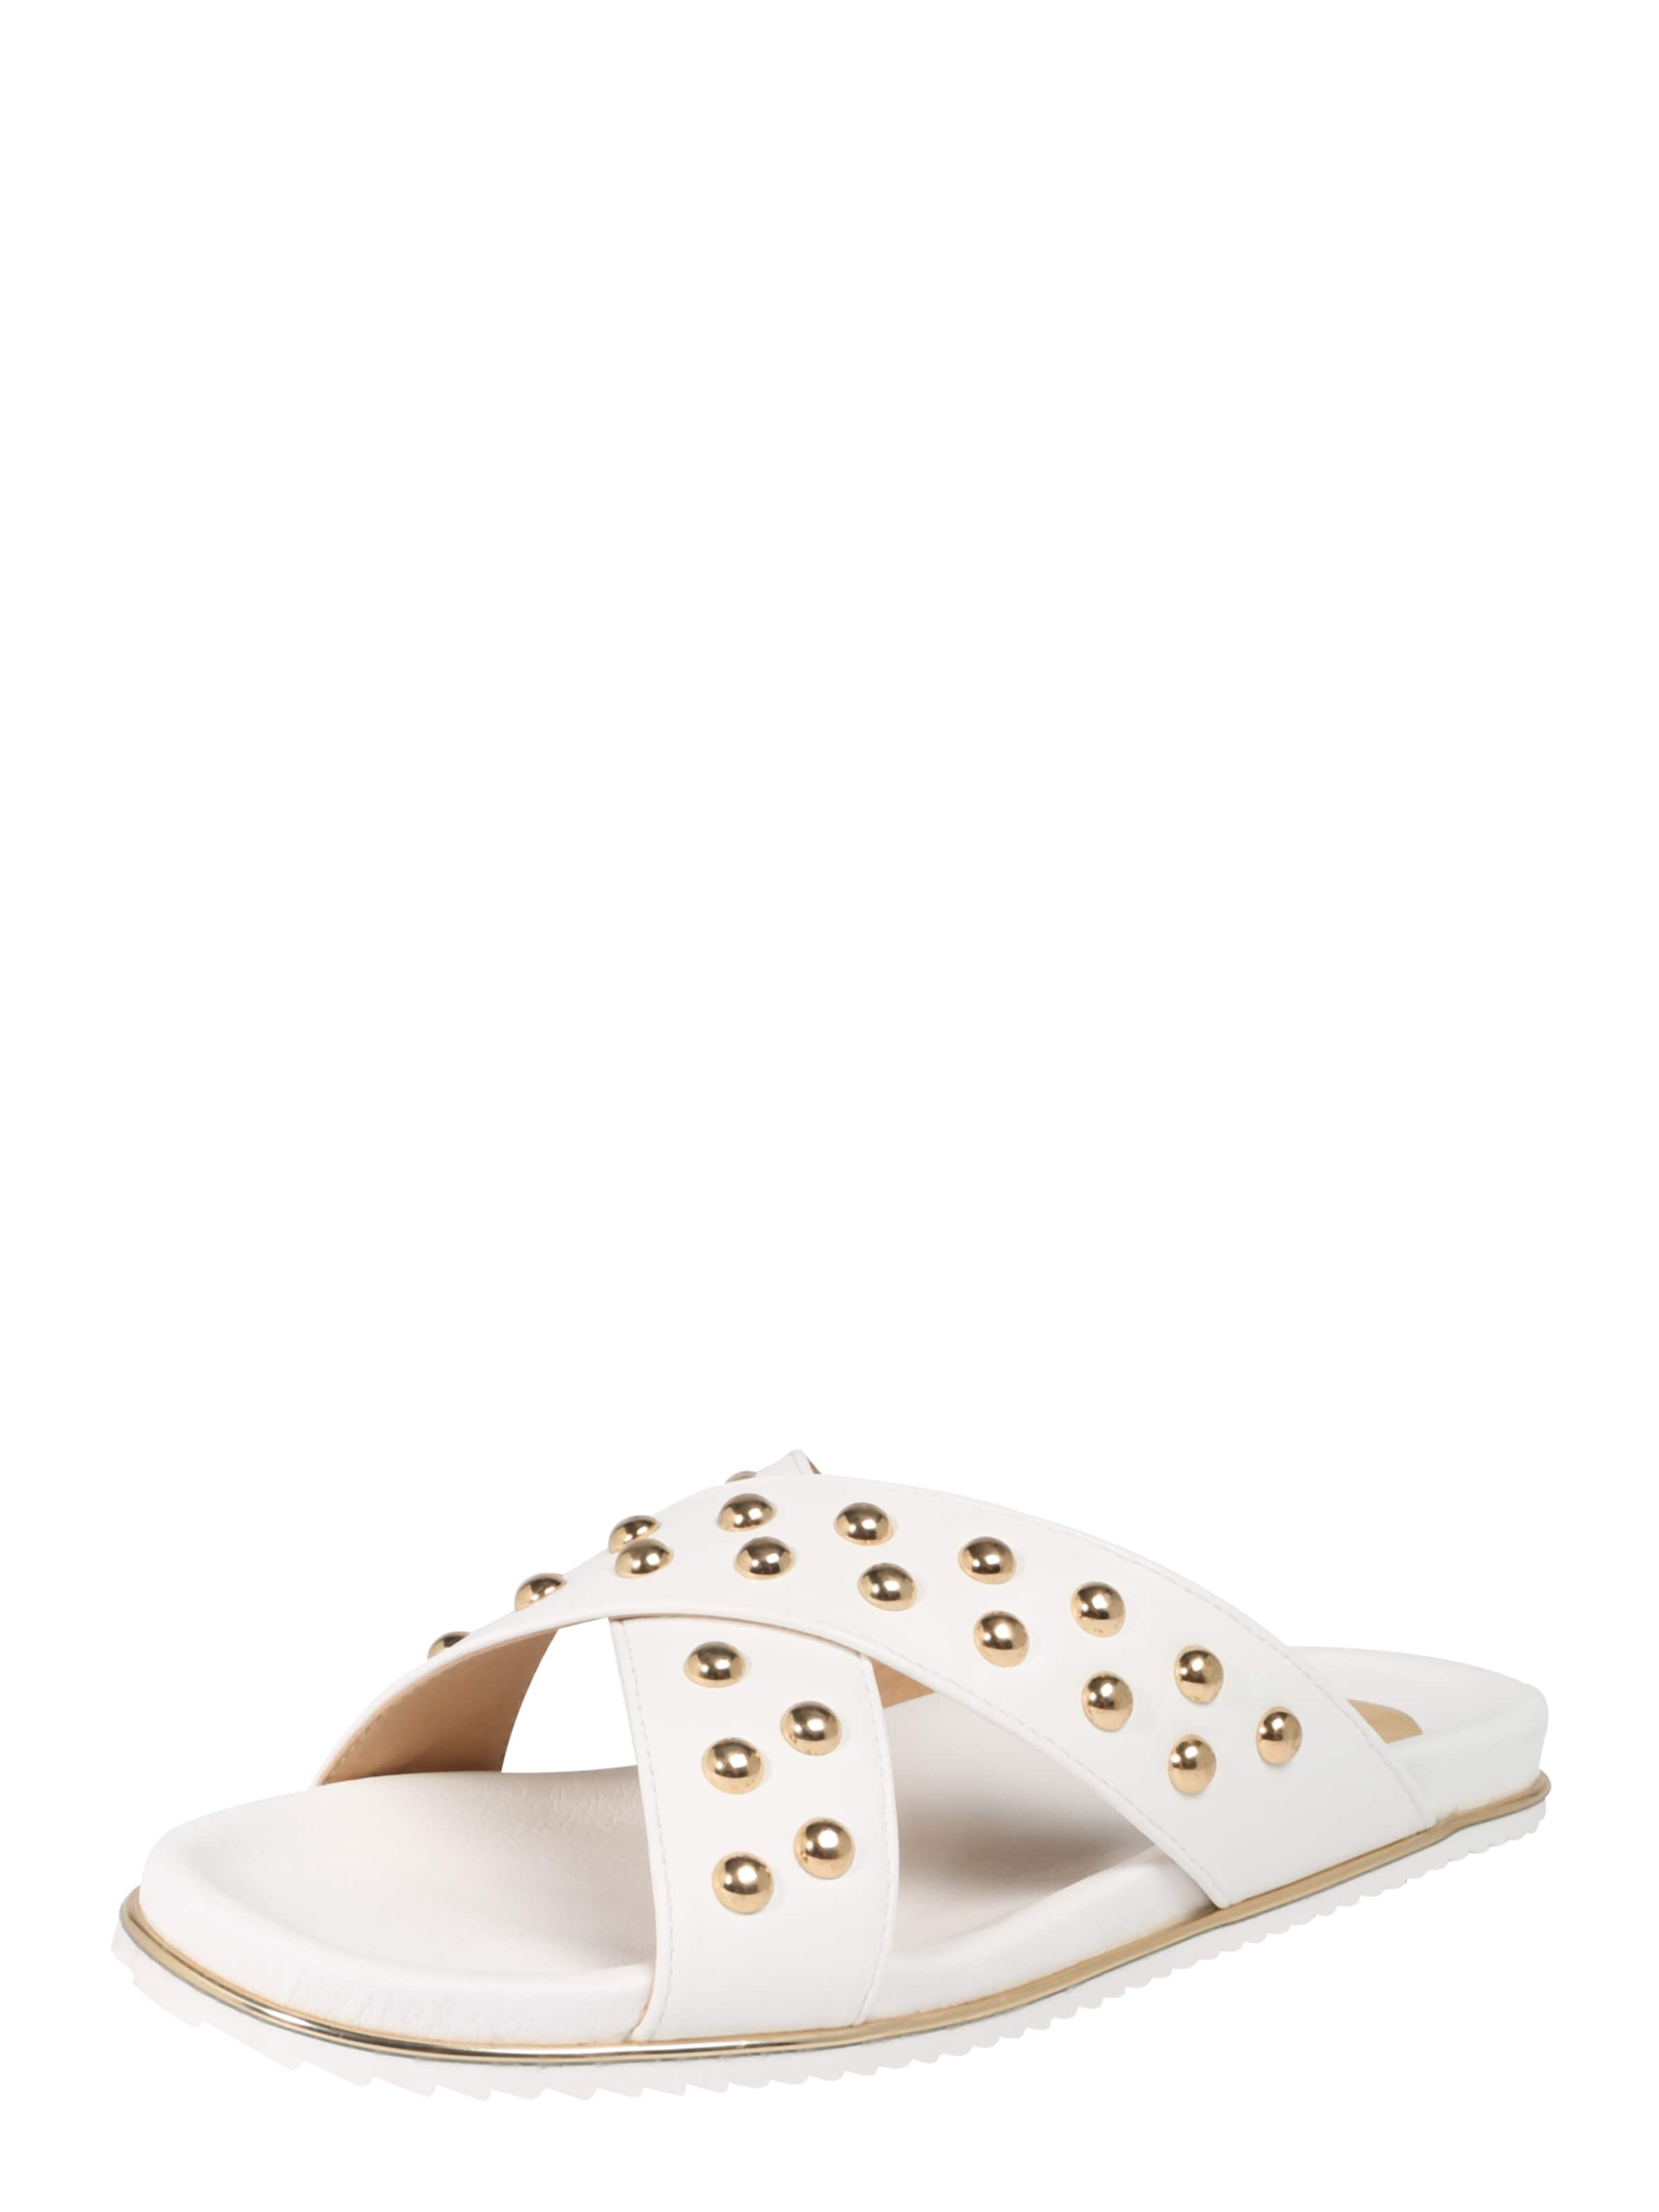 BUFFALO Pantolette Günstige und langlebige Schuhe